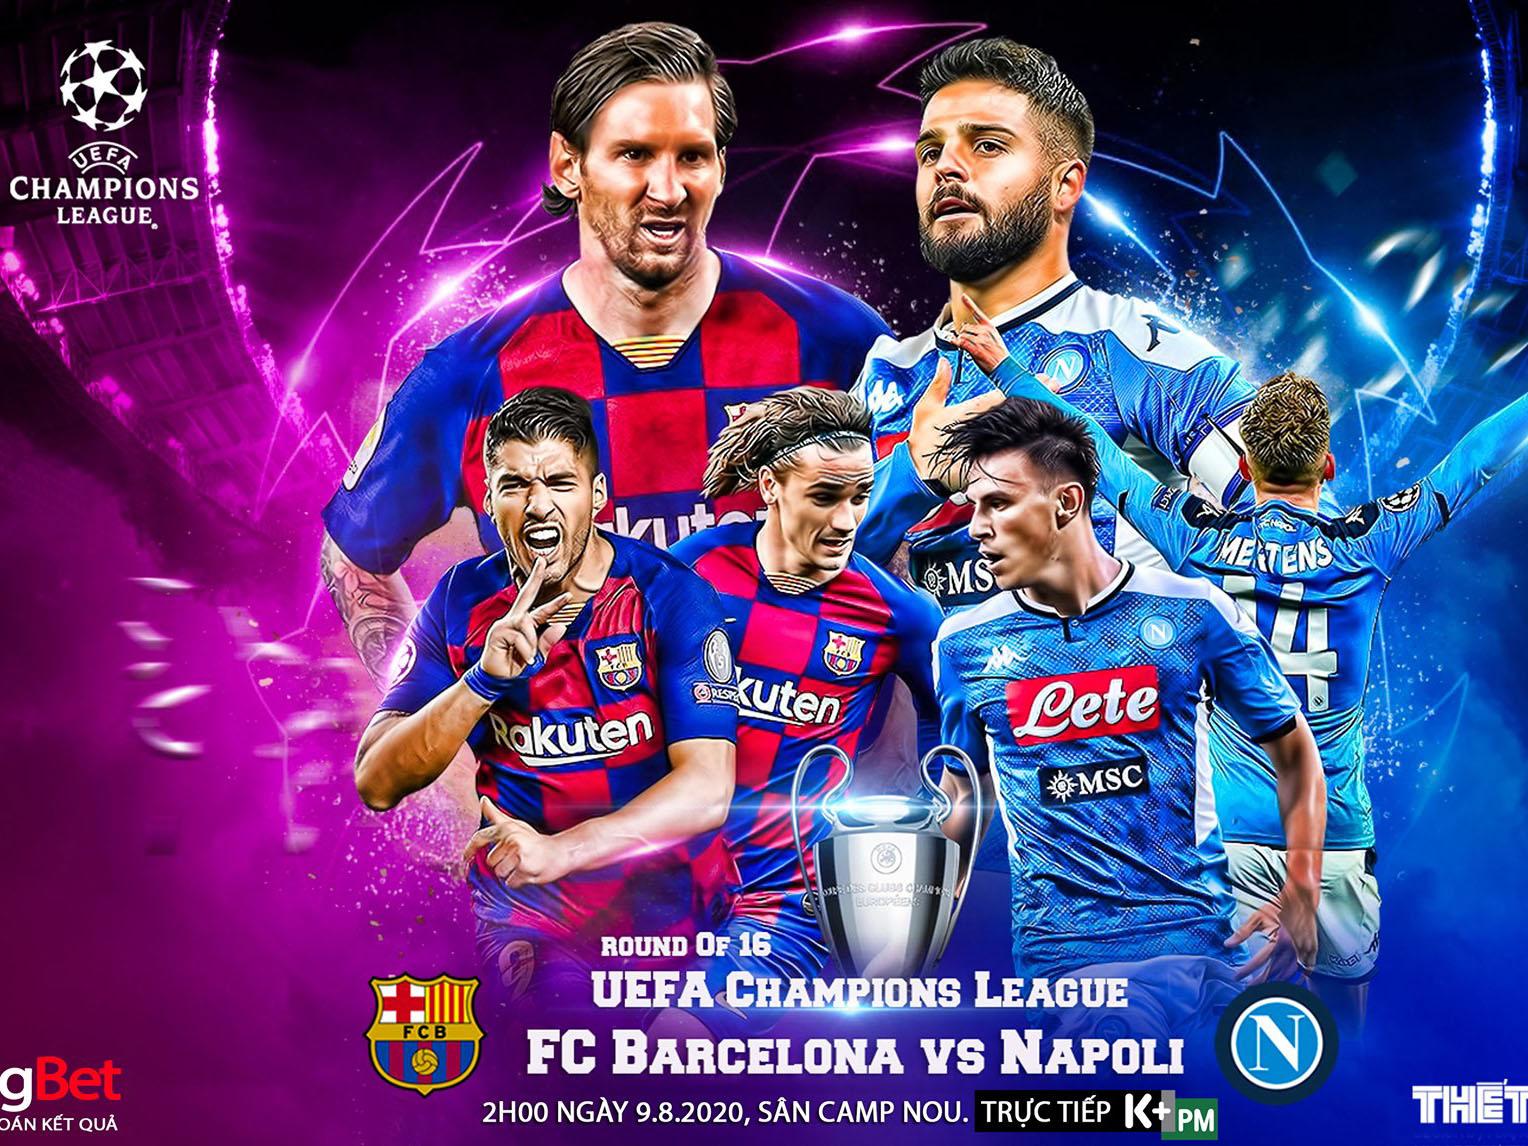 Soi kèo nhà cái. Barcelona vs Napoli. Lượt về vòng 1/8 Cúp C1. Trực tiếp K+PM